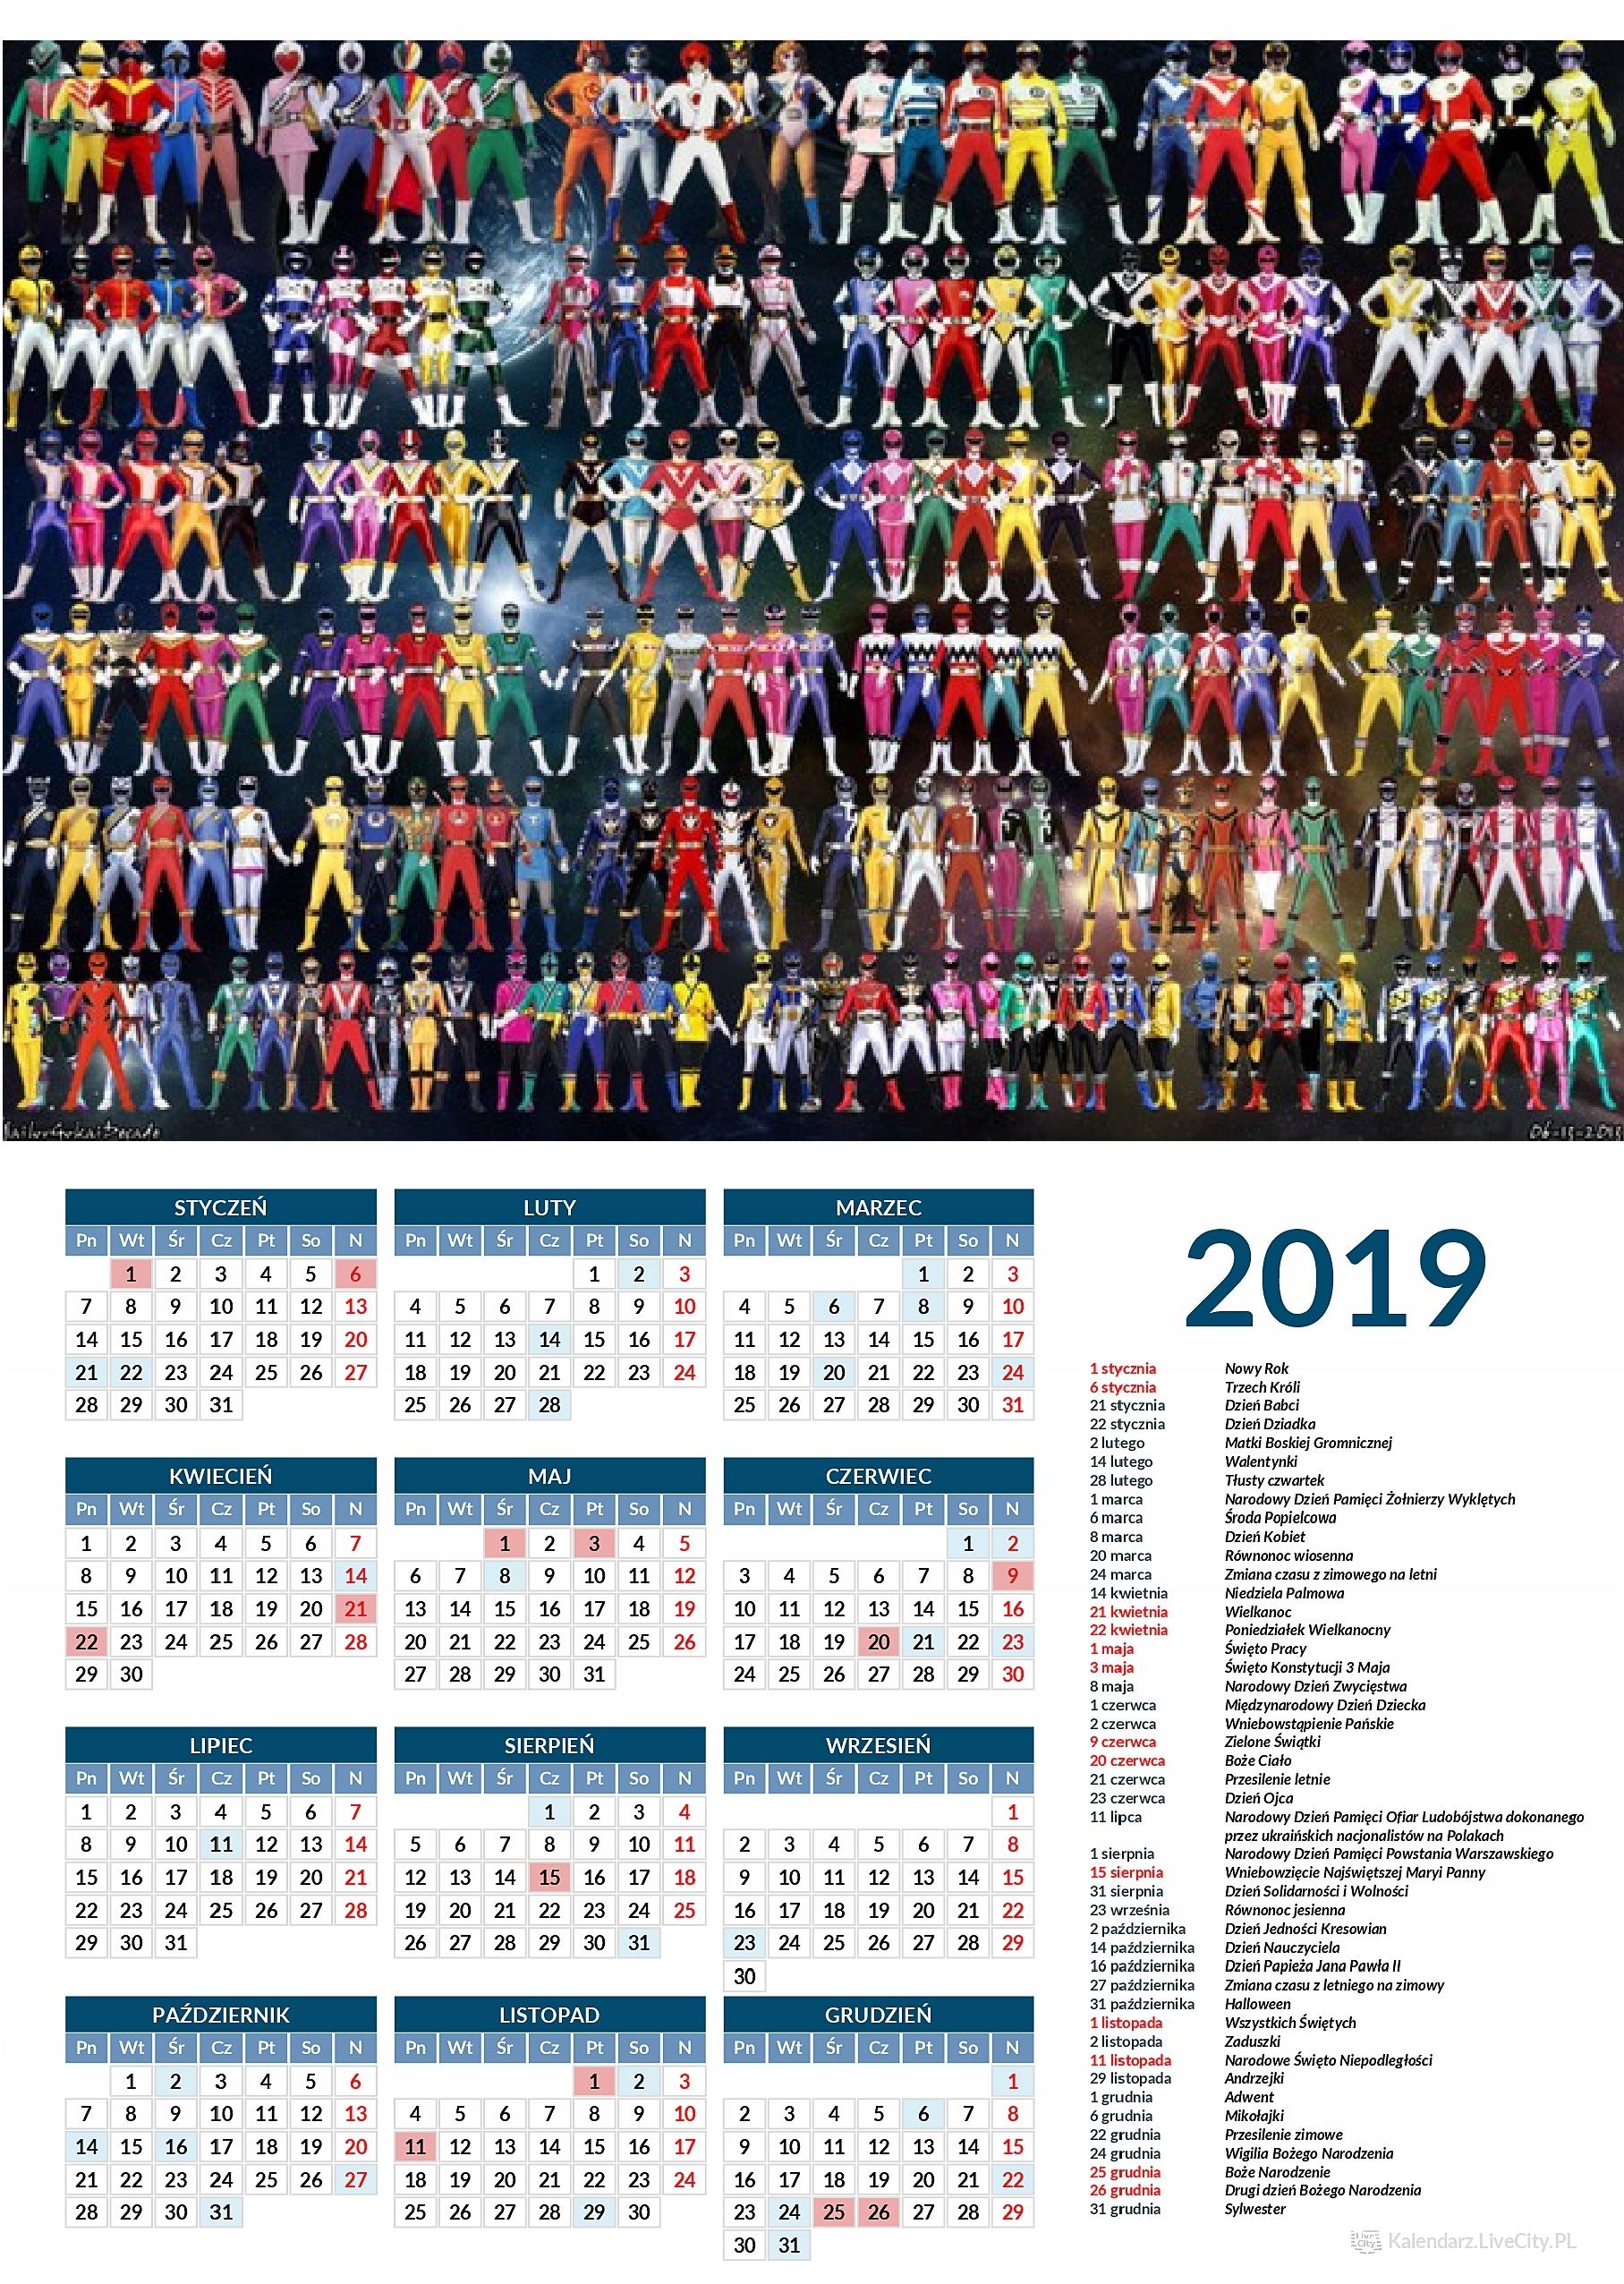 Kalendarz 2019 GRA POWER RANGERS WSZYSTKIE POSTACI